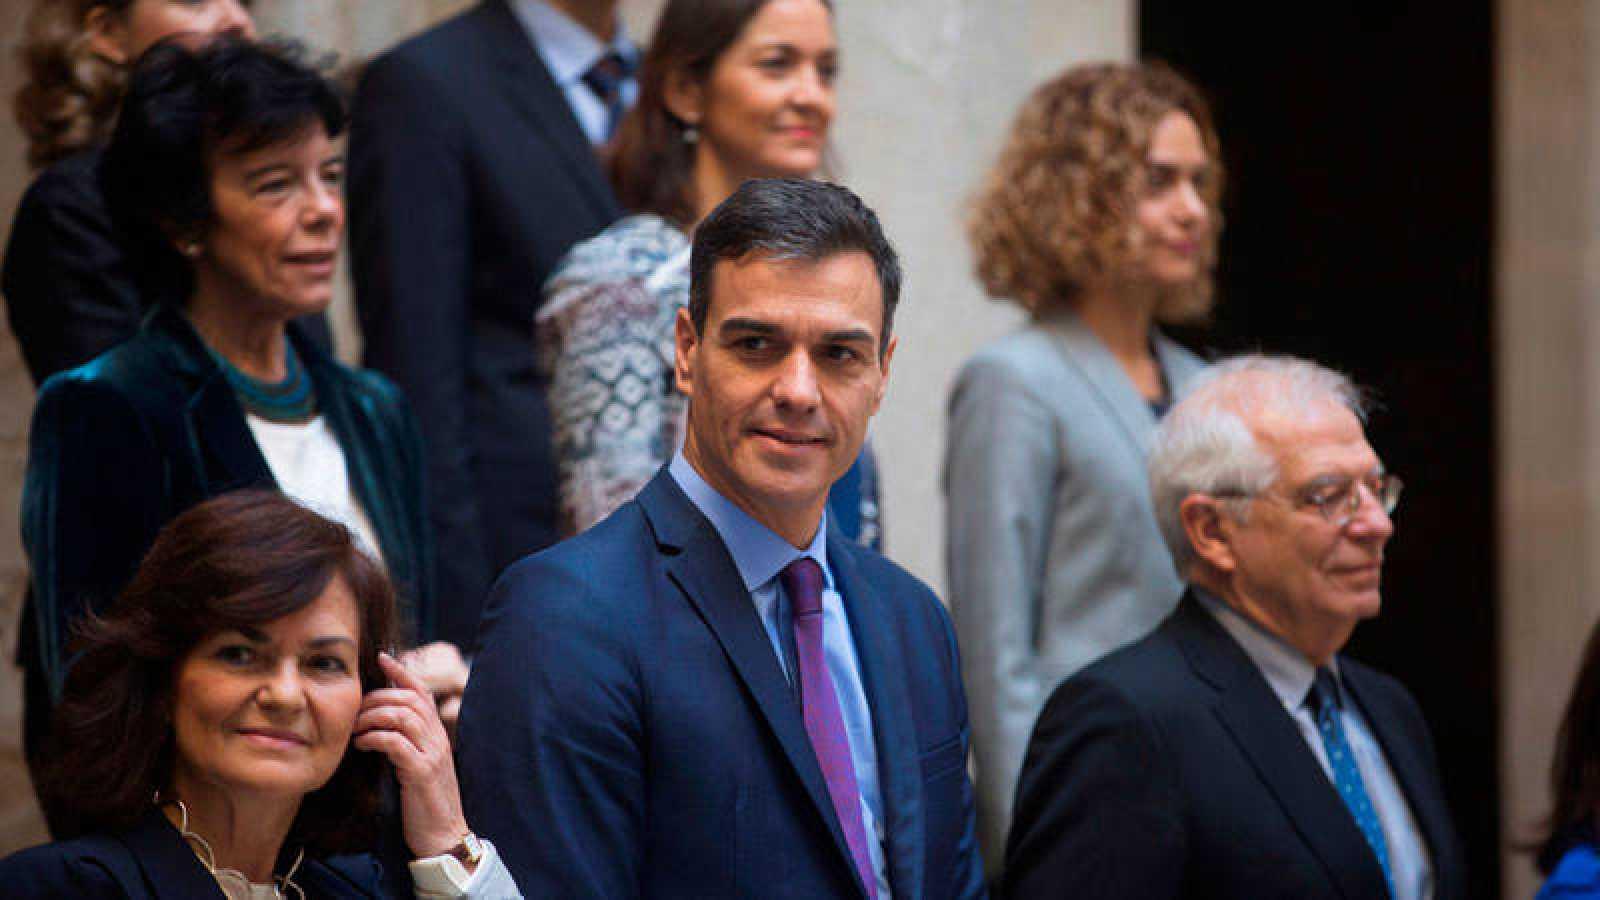 El presidente del Gobierno, Pedro Sánchez, y la vicepresidenta, Carmen Calvo, junto a varios ministros, posan en la foto de familia momentos antes de la reunión del Consejo de Ministros en Barcelona